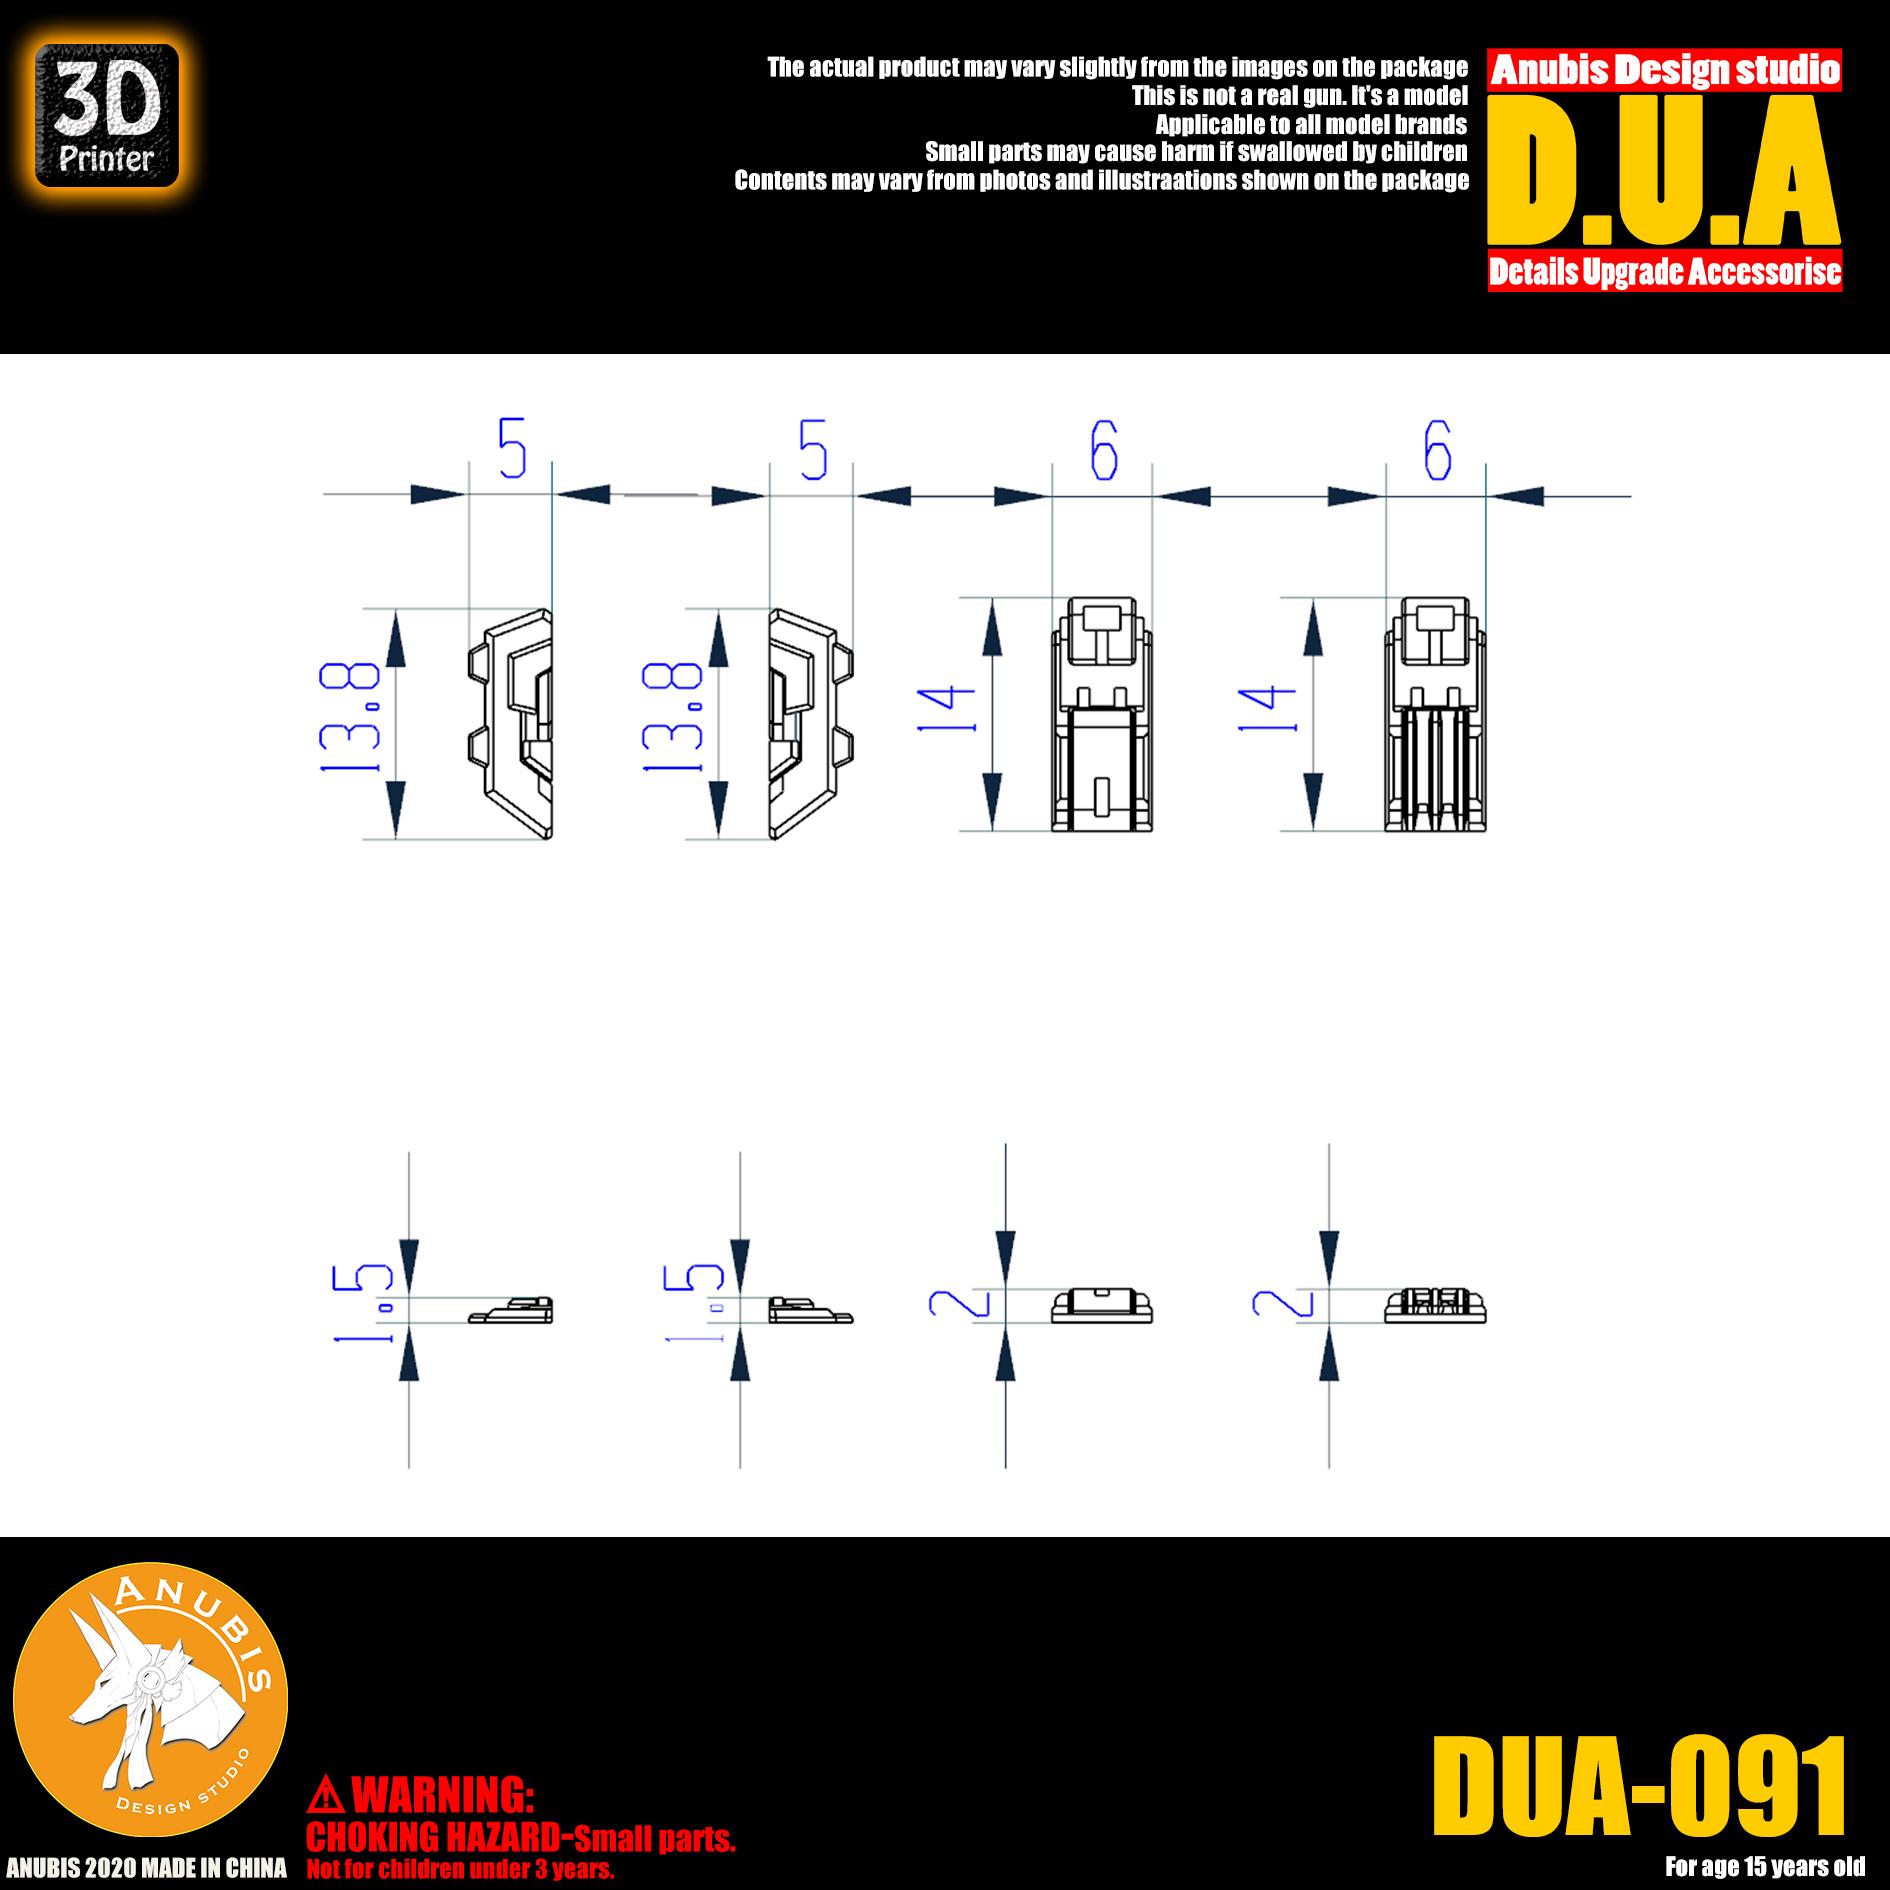 dua-091-3.jpg